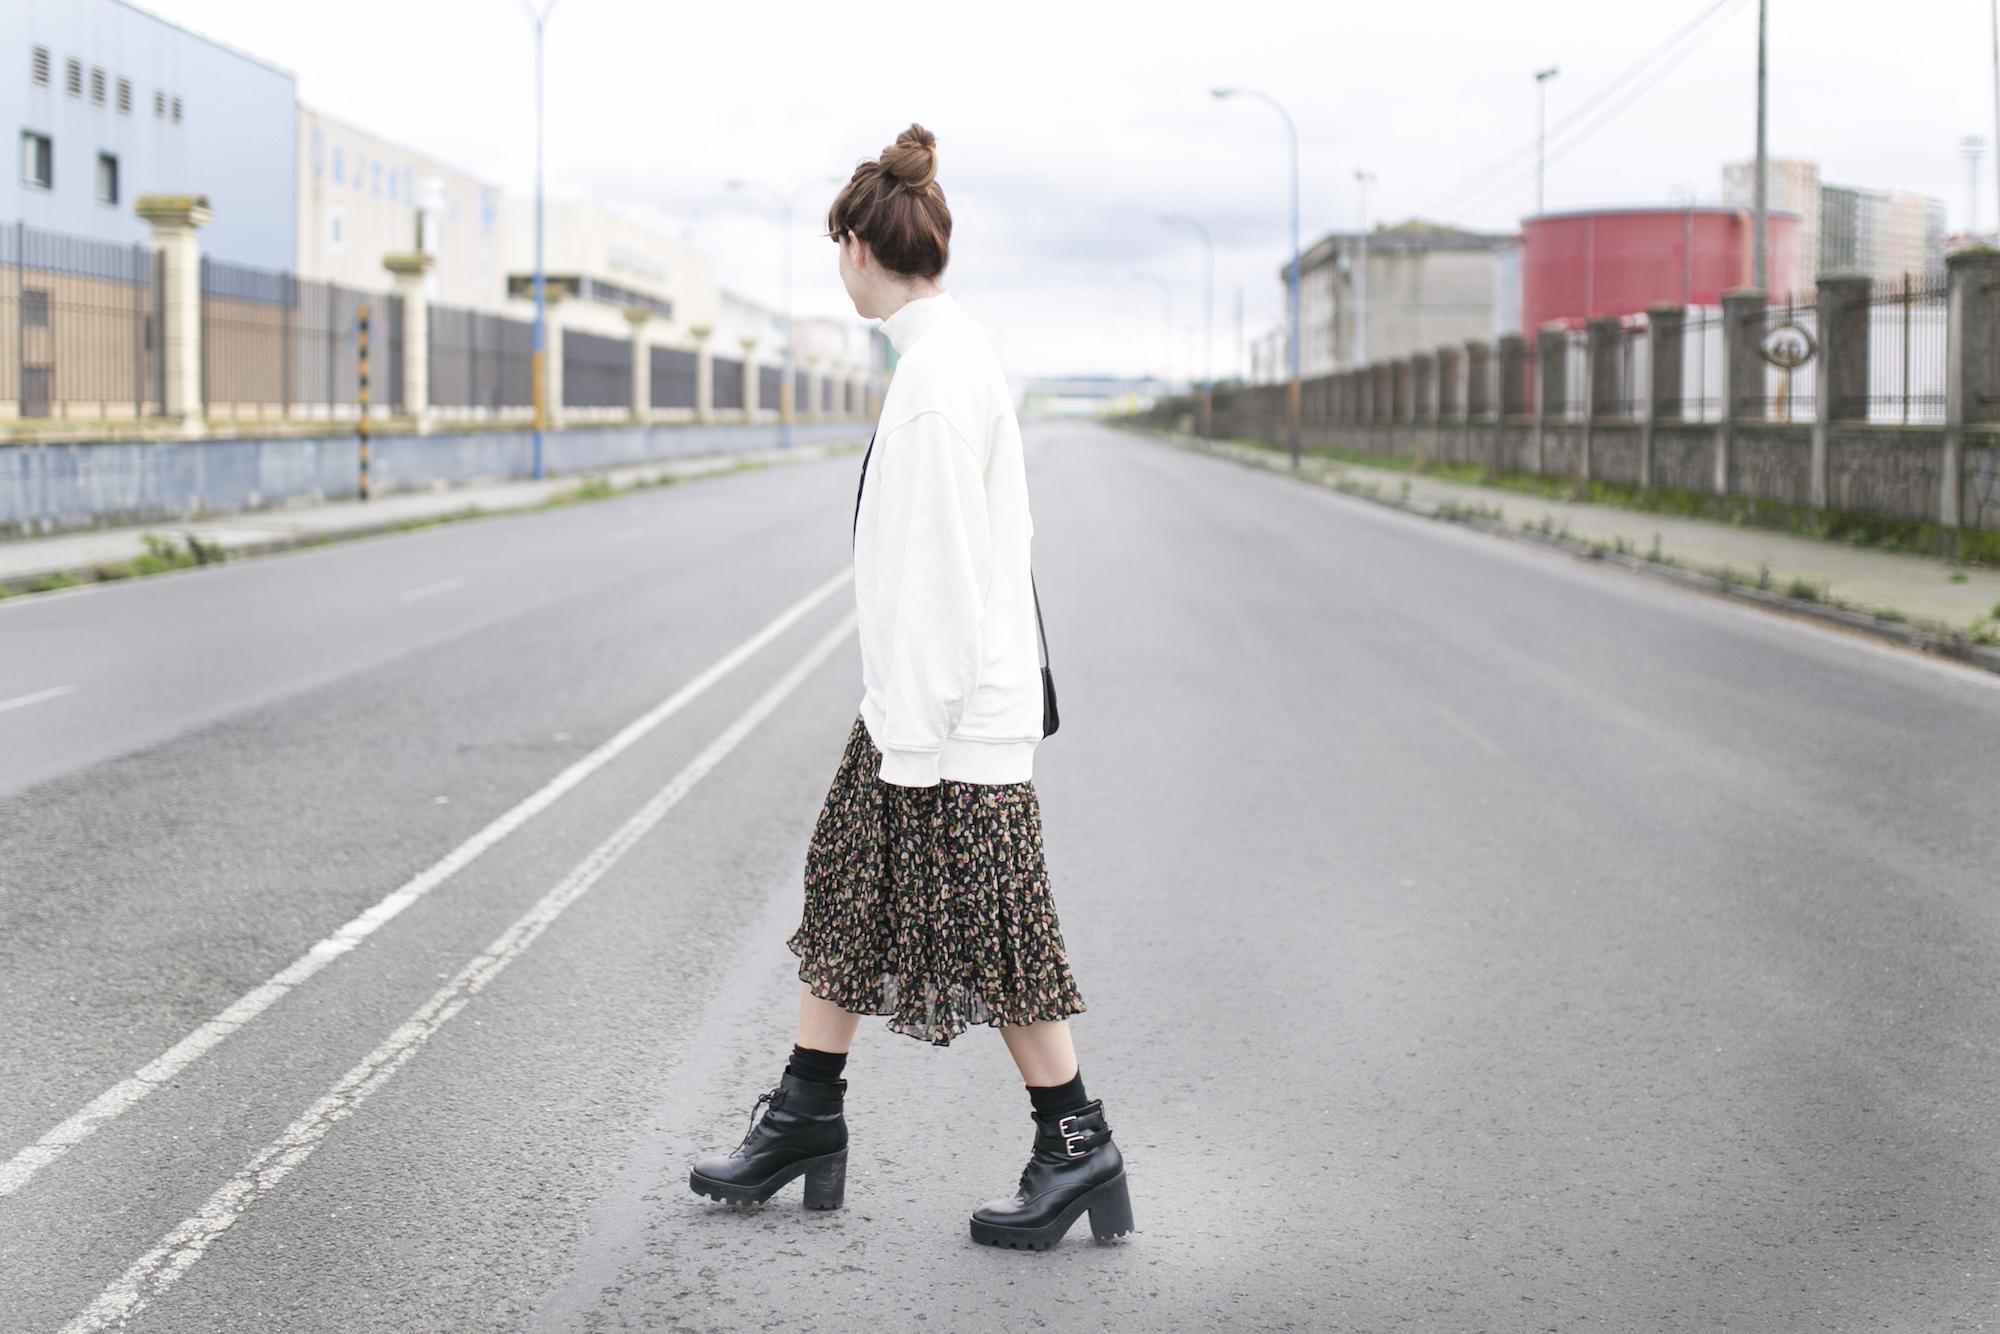 Zara Dress-rebajas Zara-moda-calle-descalzaporelparque-Acne Studios- fashion-streetstyle-blogger